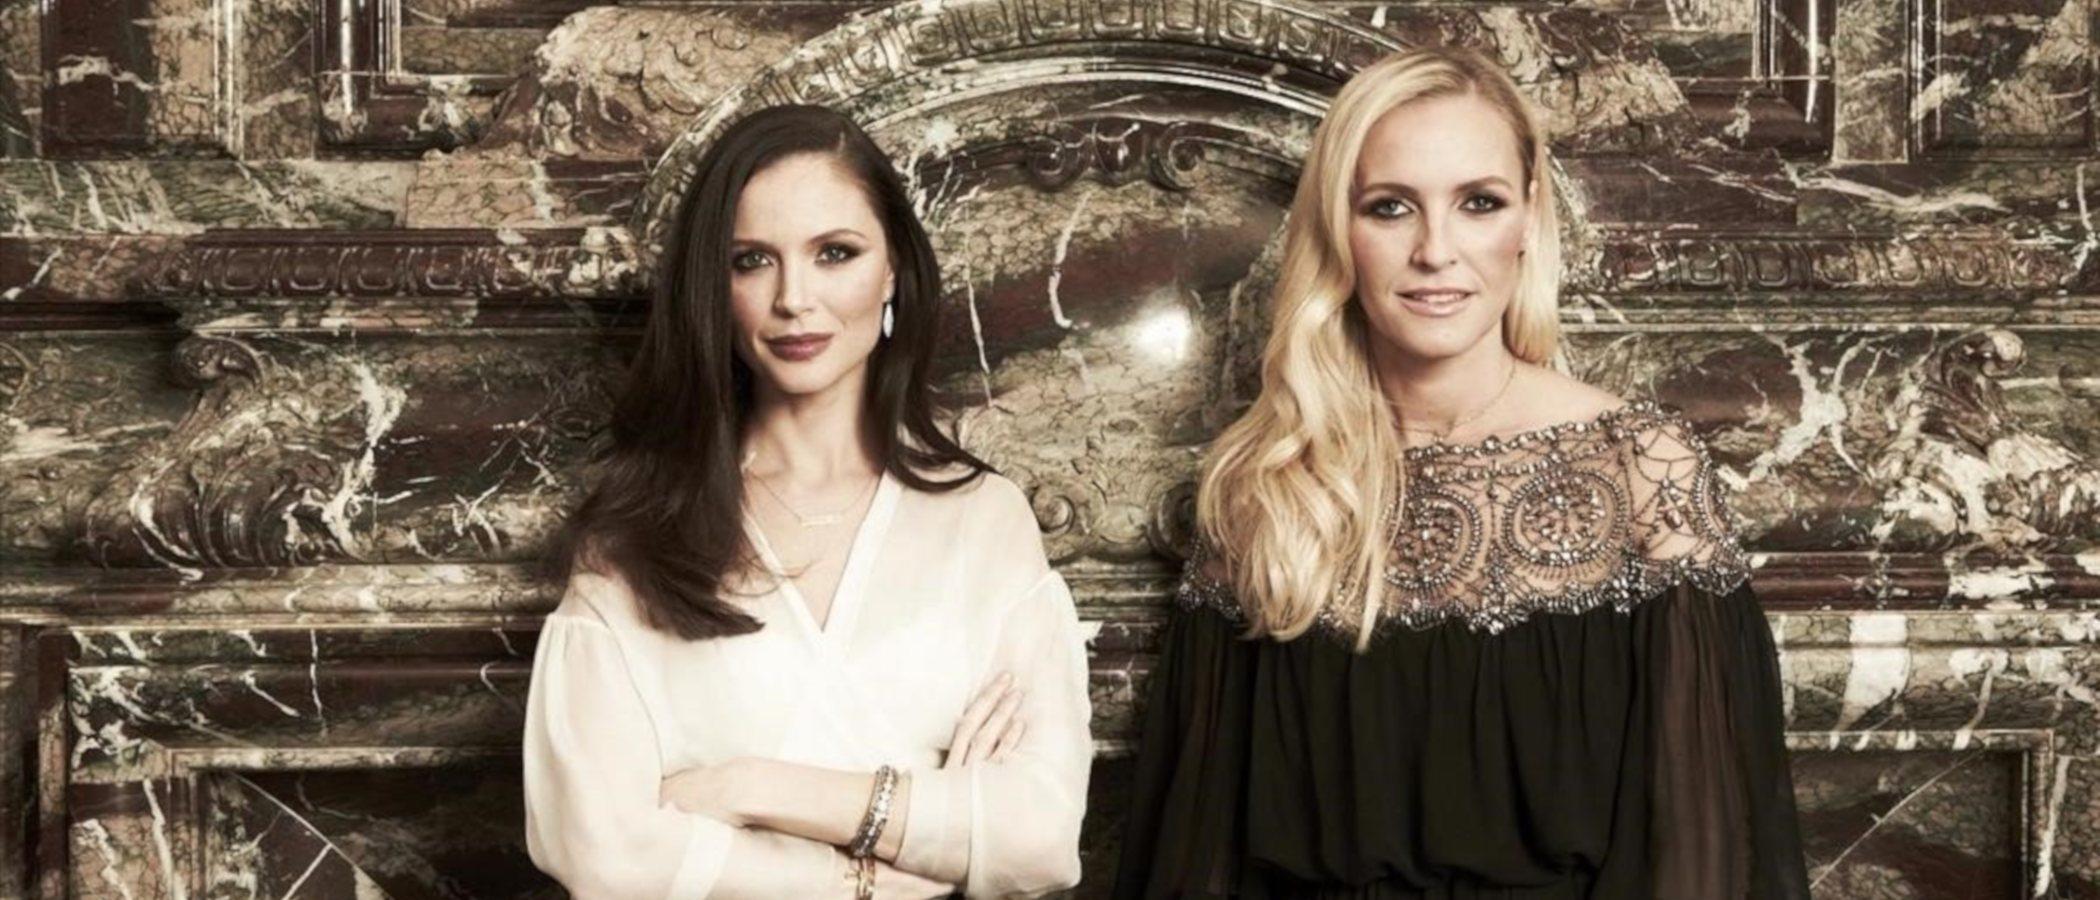 Marchesa da el salto a la Barcelona Bridal Fashion Week presentando su nueva colección de novia Spring 2020